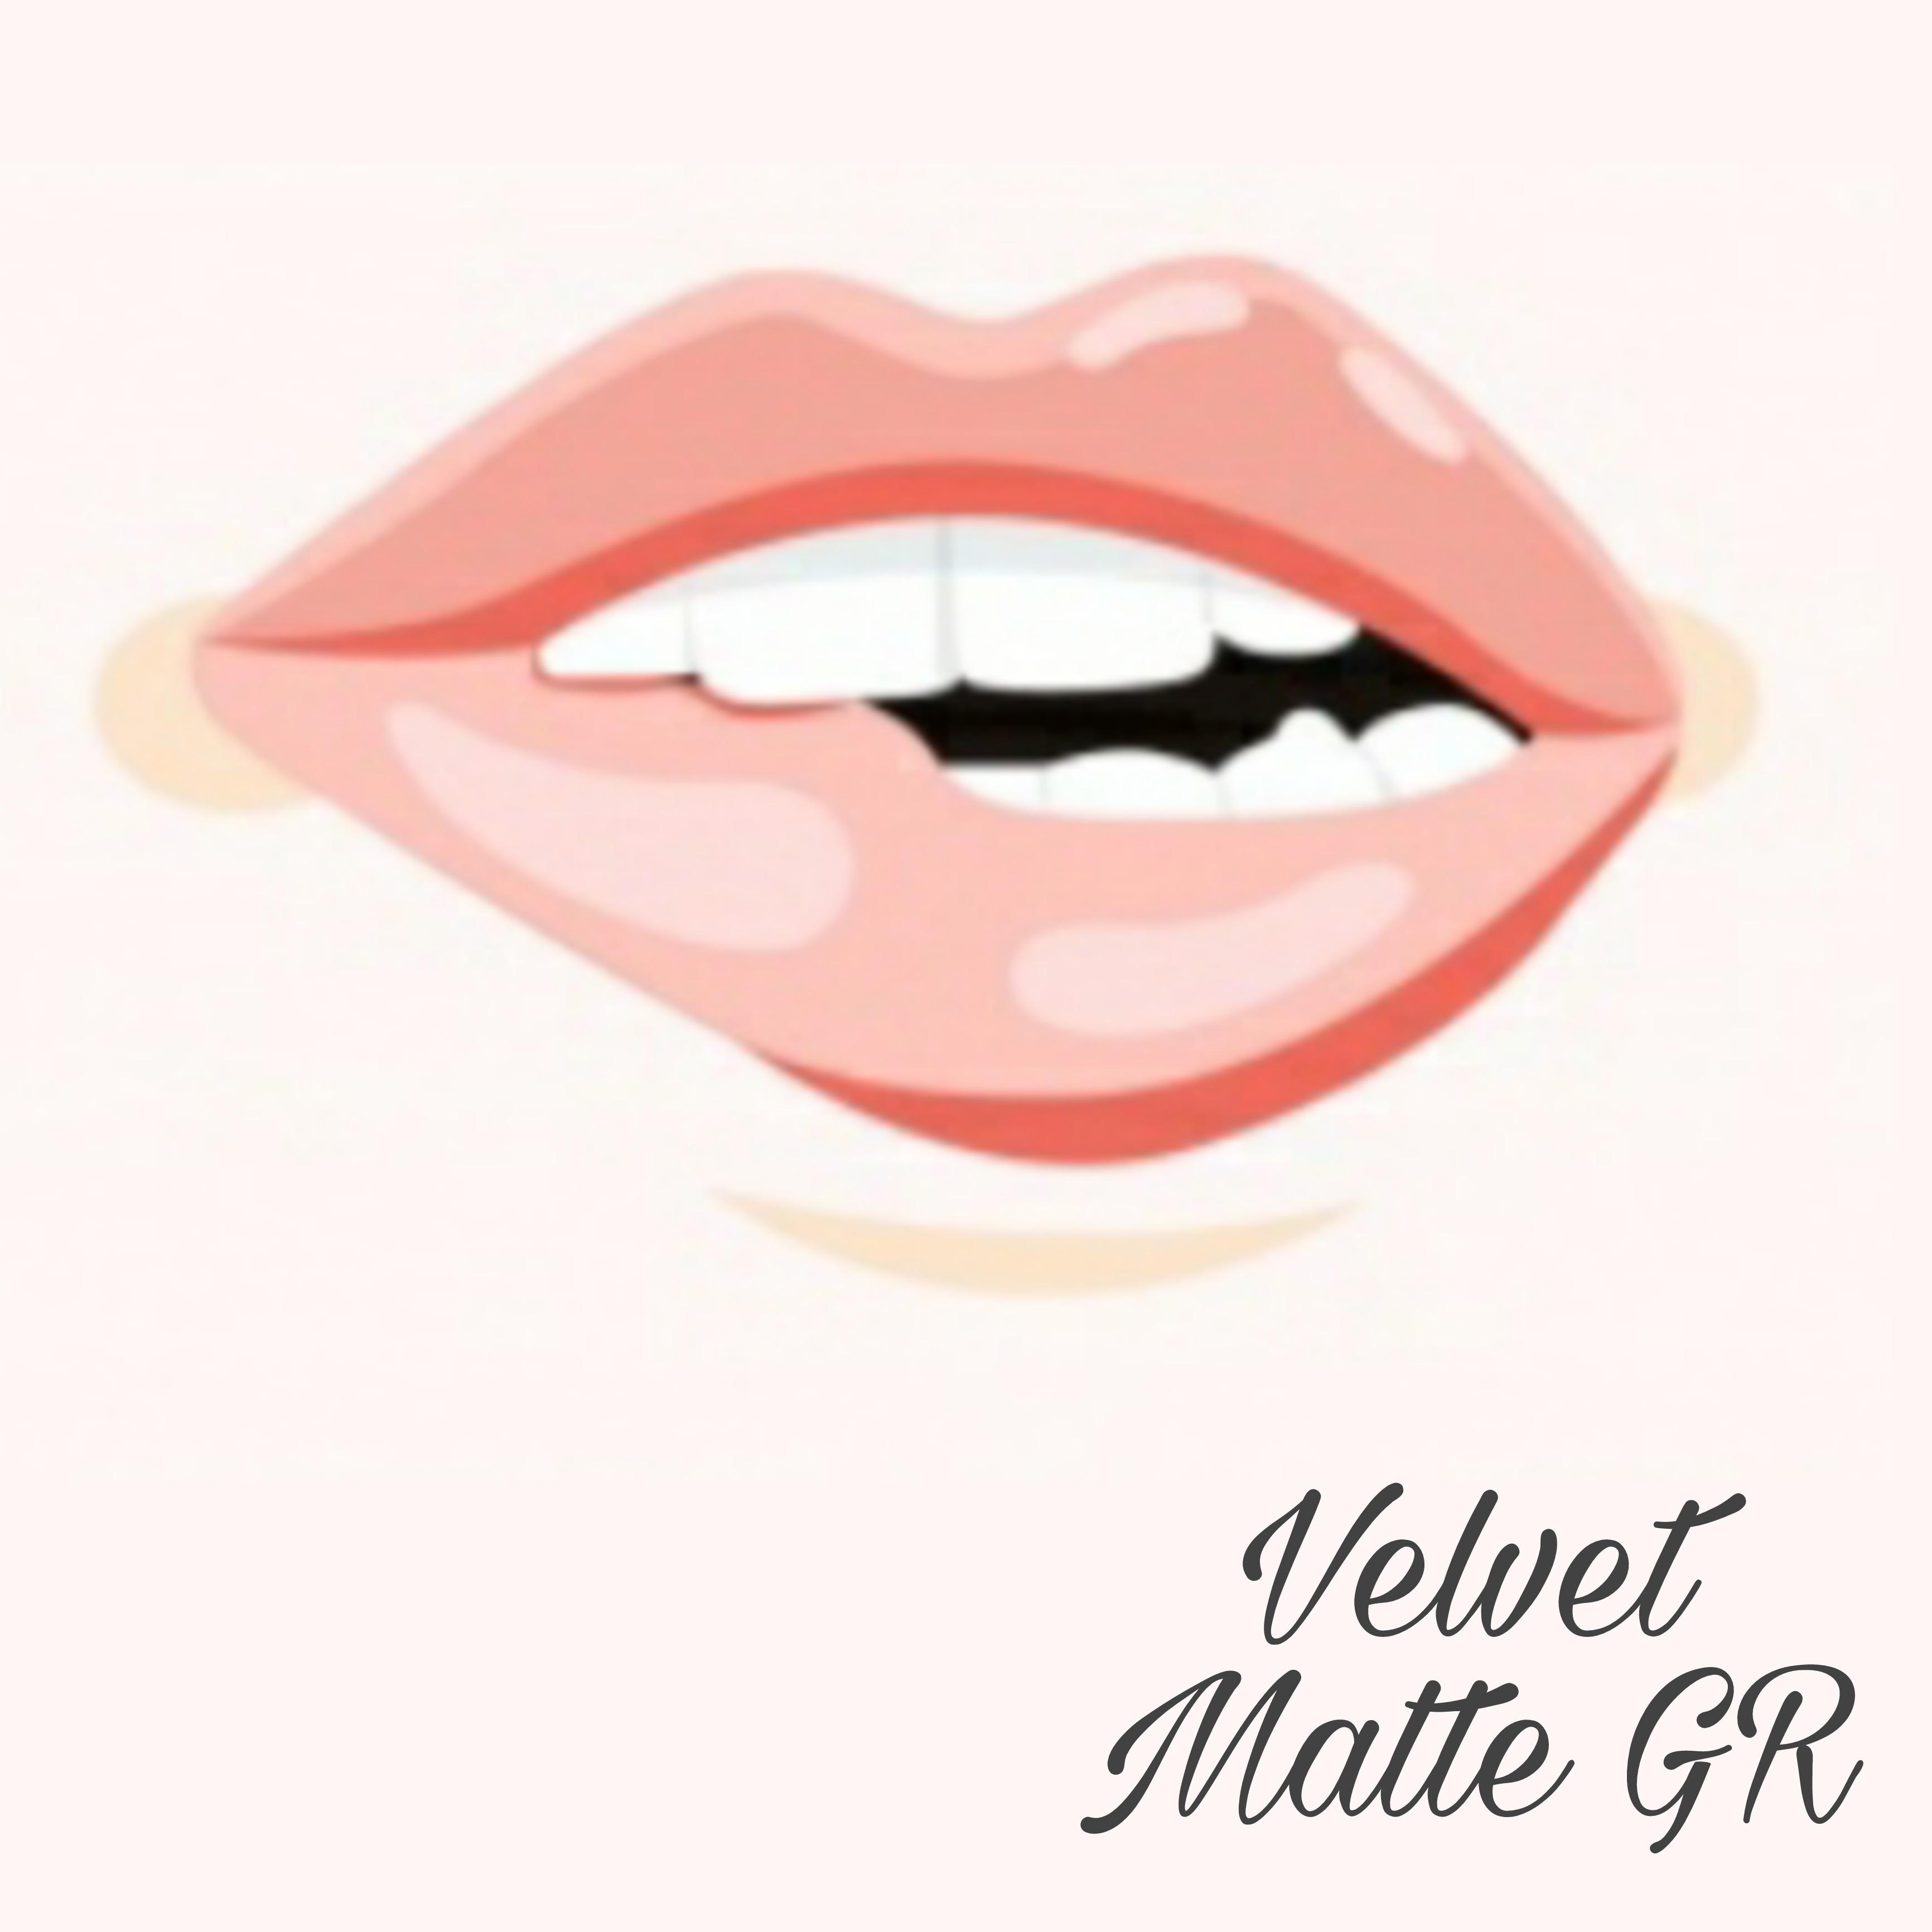 Κραγιόν Velvet Matte GR